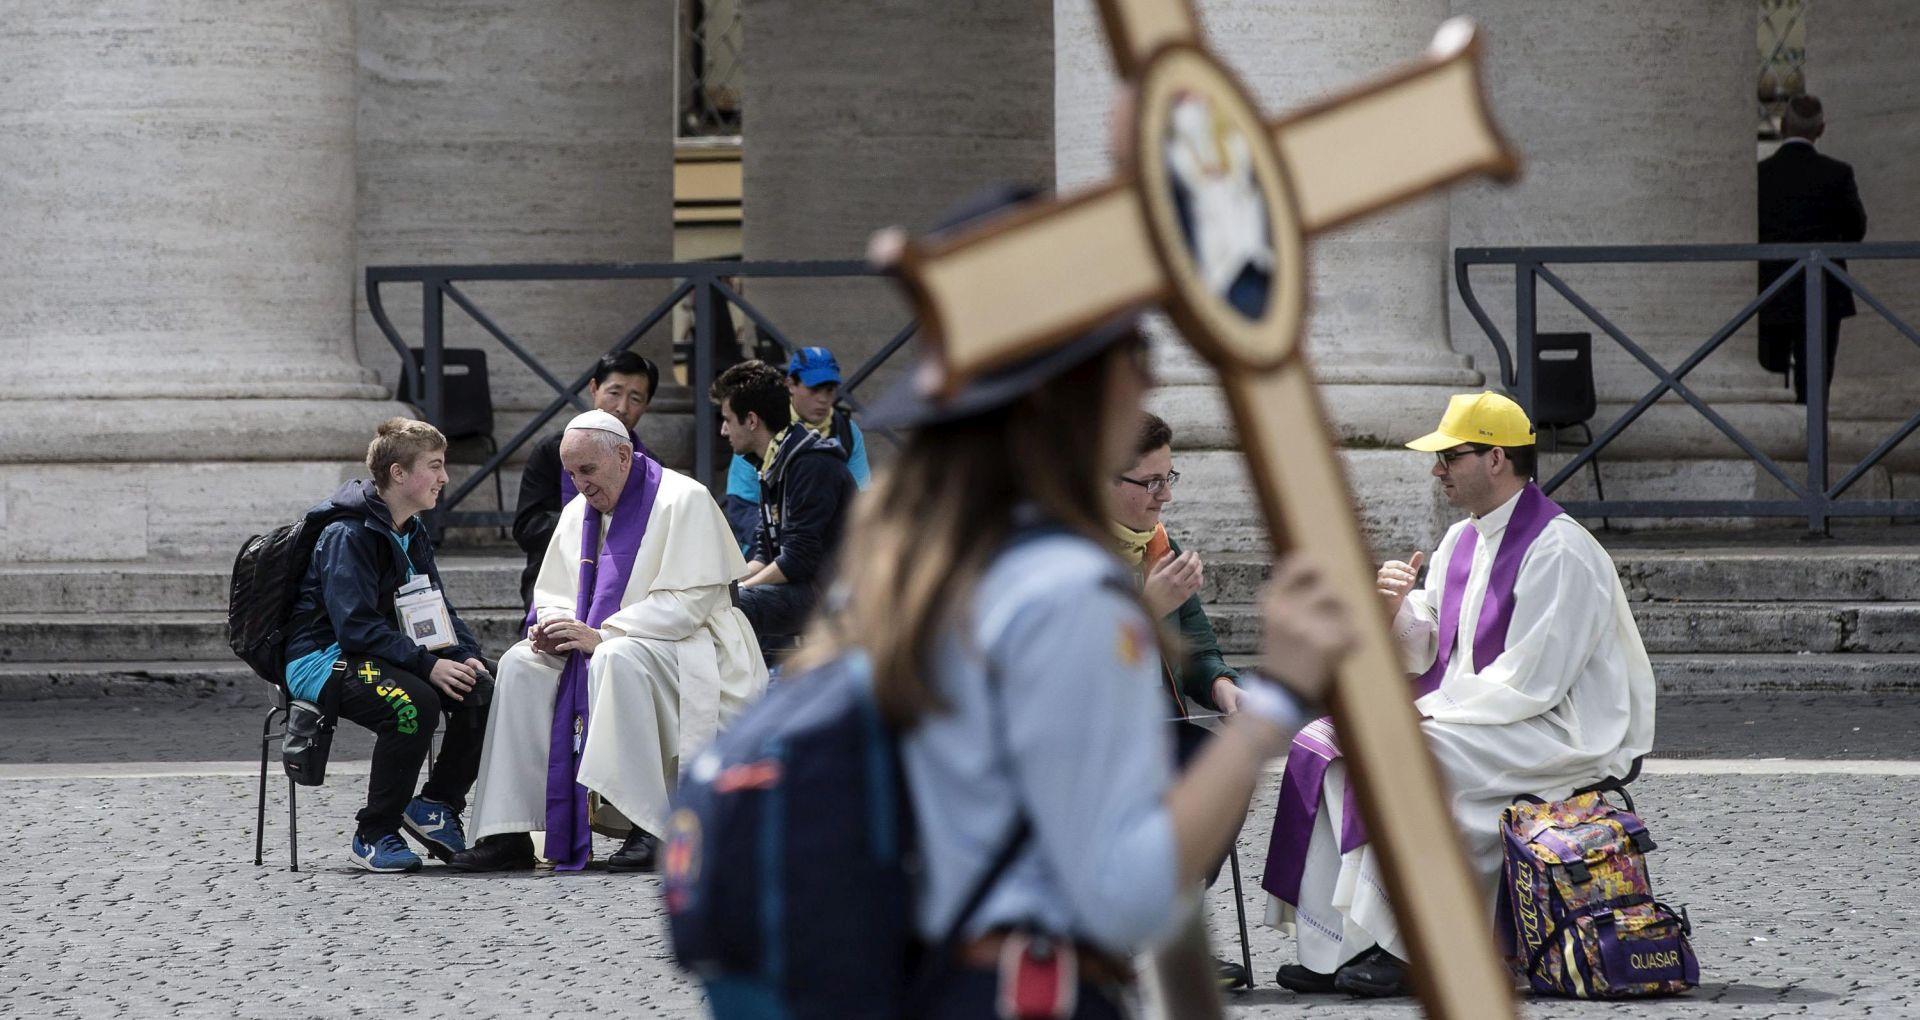 NEOČEKIVANA POMOĆ SVEĆENICIMA Papa ispovijedao mlade na Trgu sv. Petra